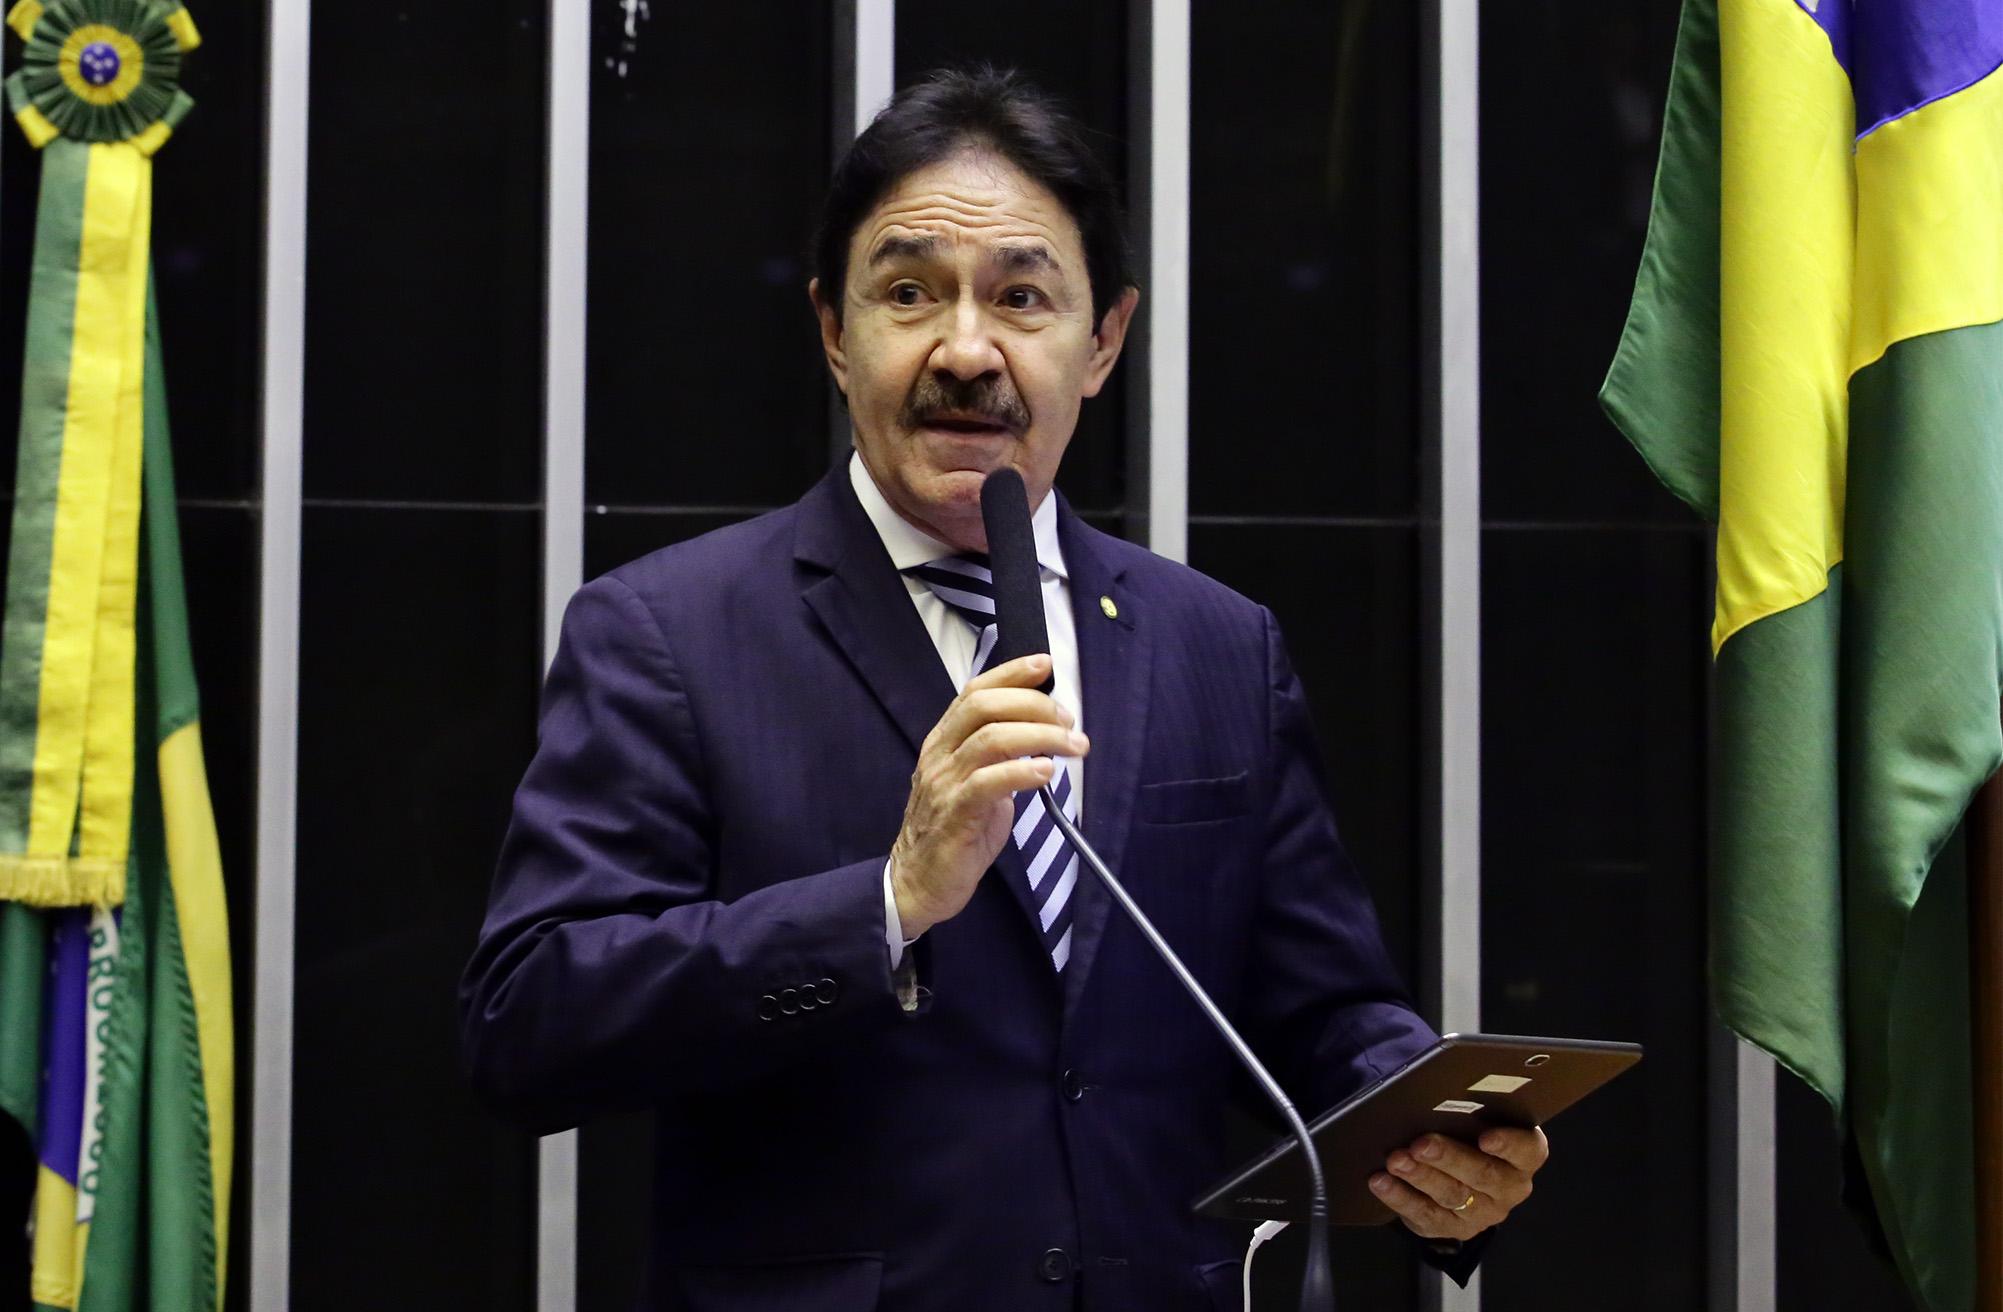 Homenagem aos Vinte Anos da TV Câmara. Dep. Raimundo Gomes de Matos (PSDB - CE)